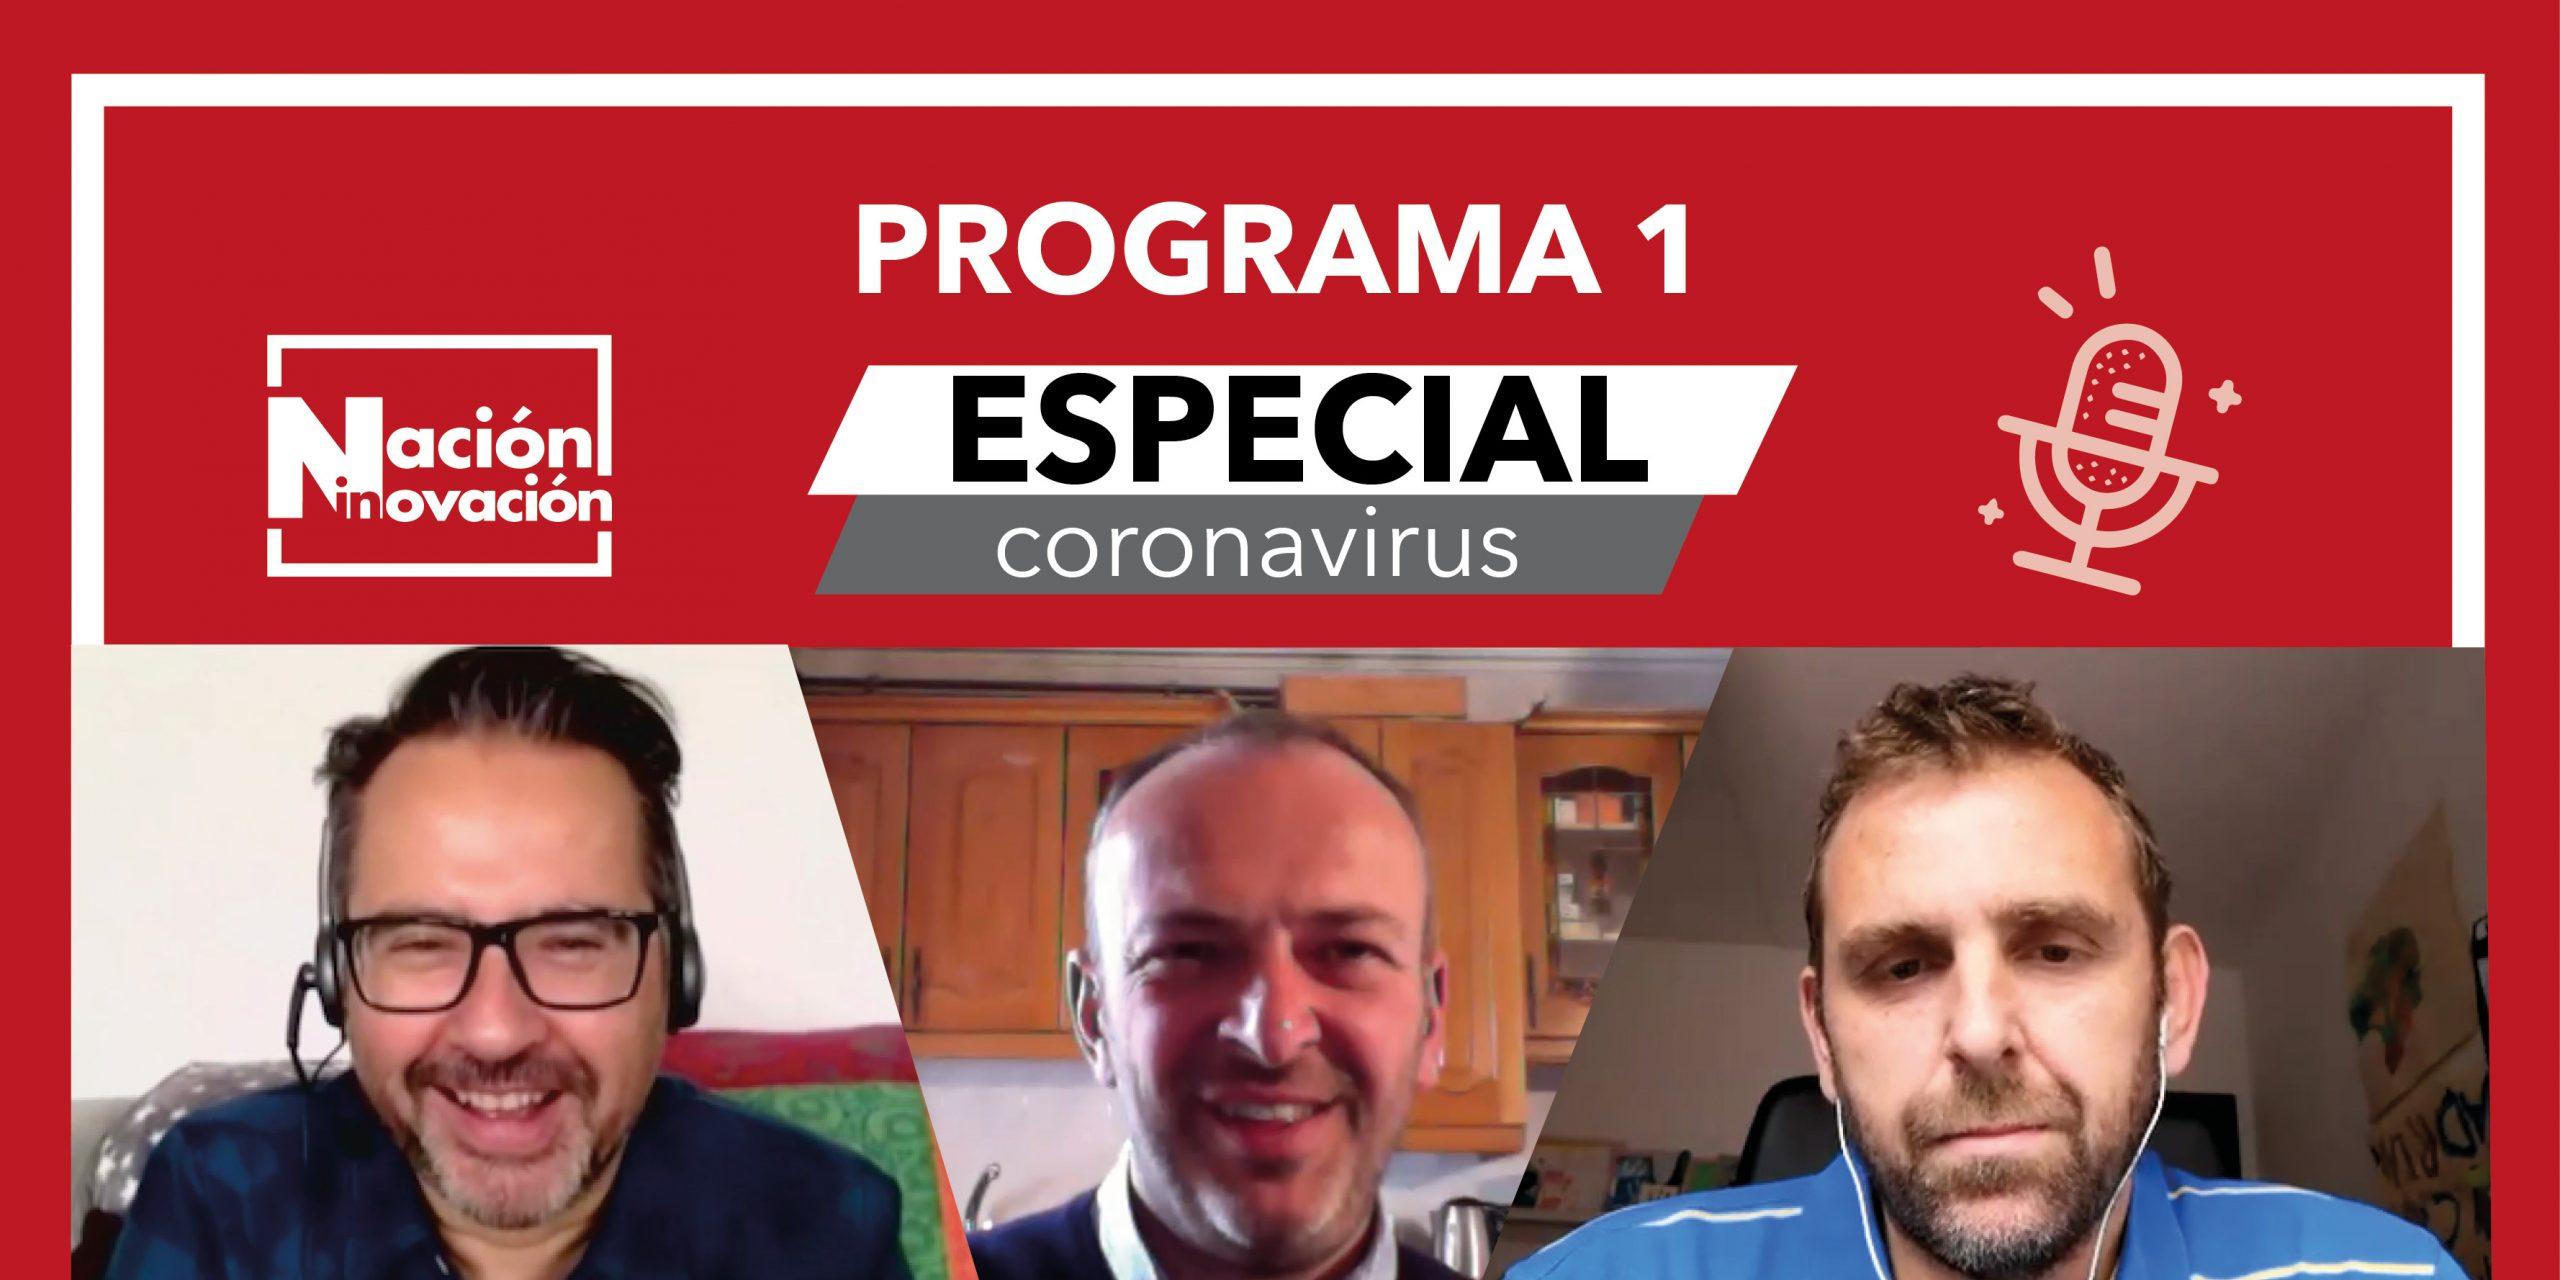 Invitados al primer programa especial coronavirus